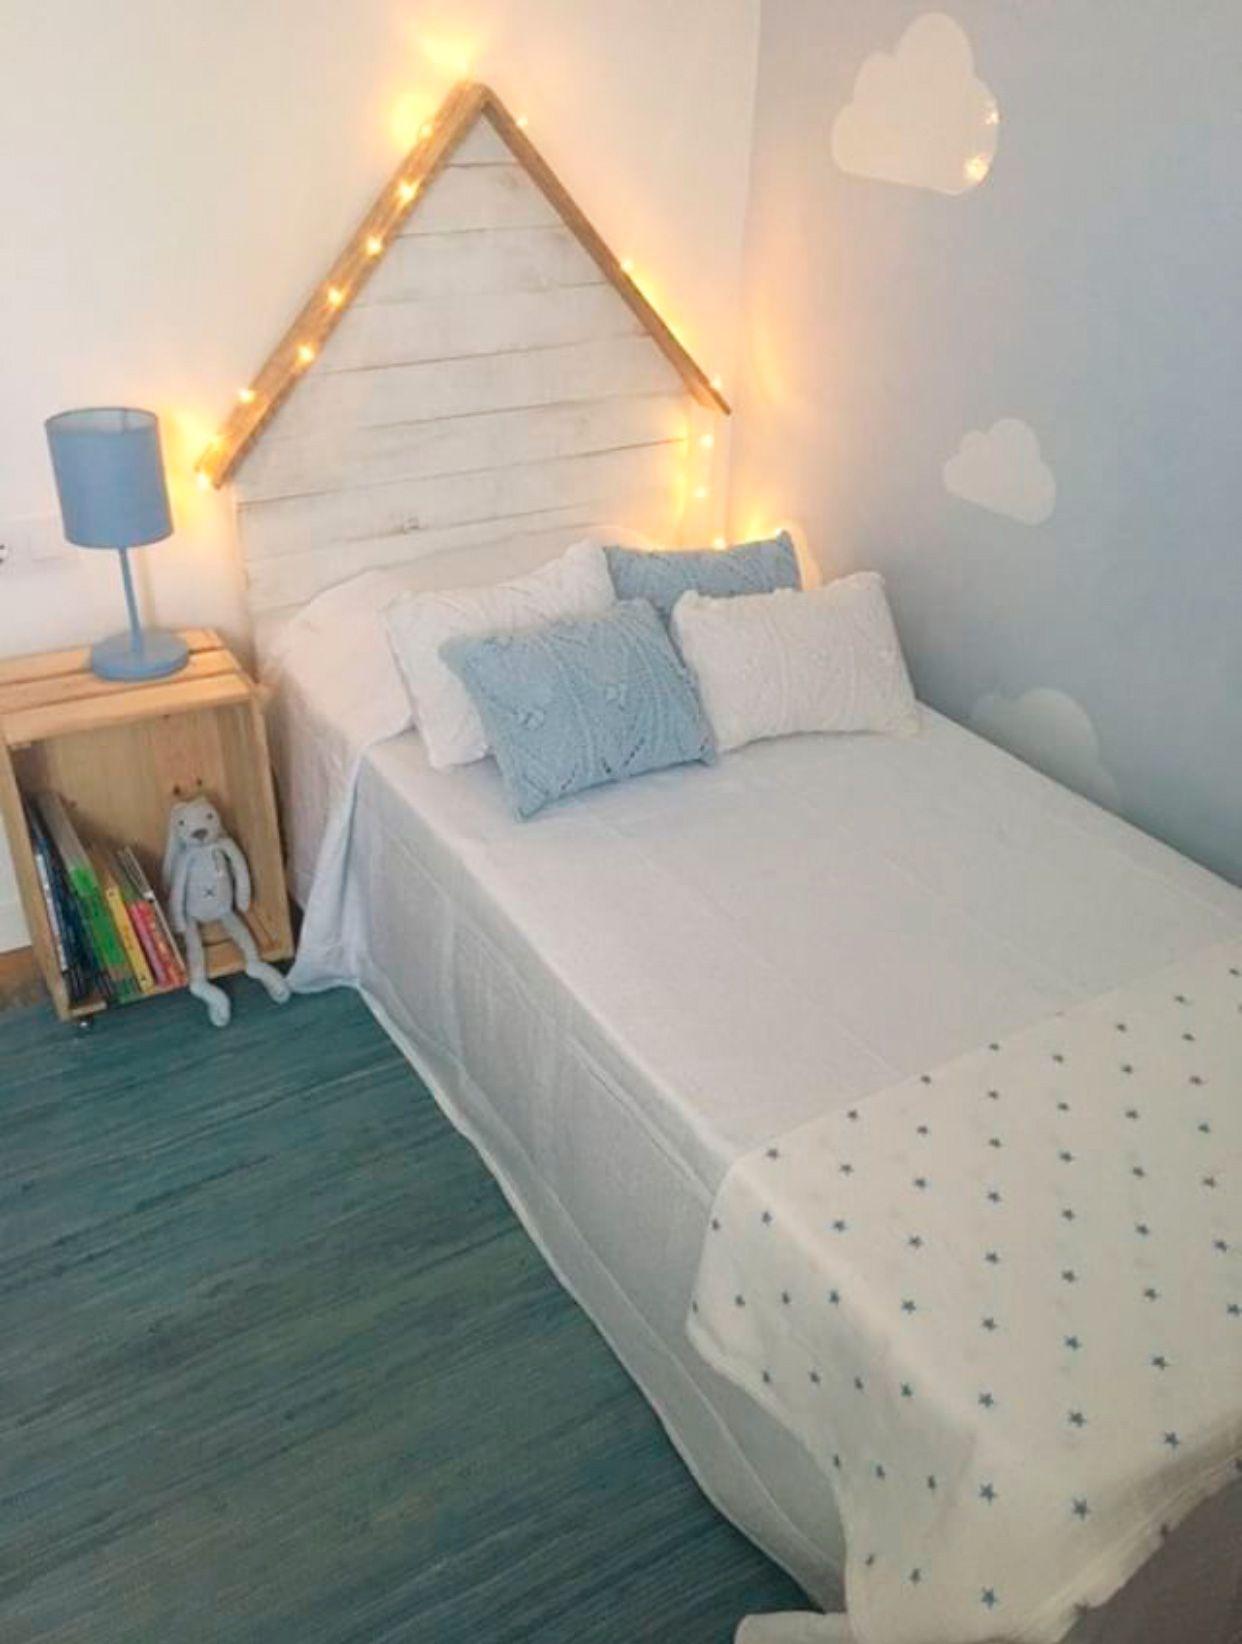 Dormitorio infantil original simple y diy para decorar for Milanuncios muebles almeria